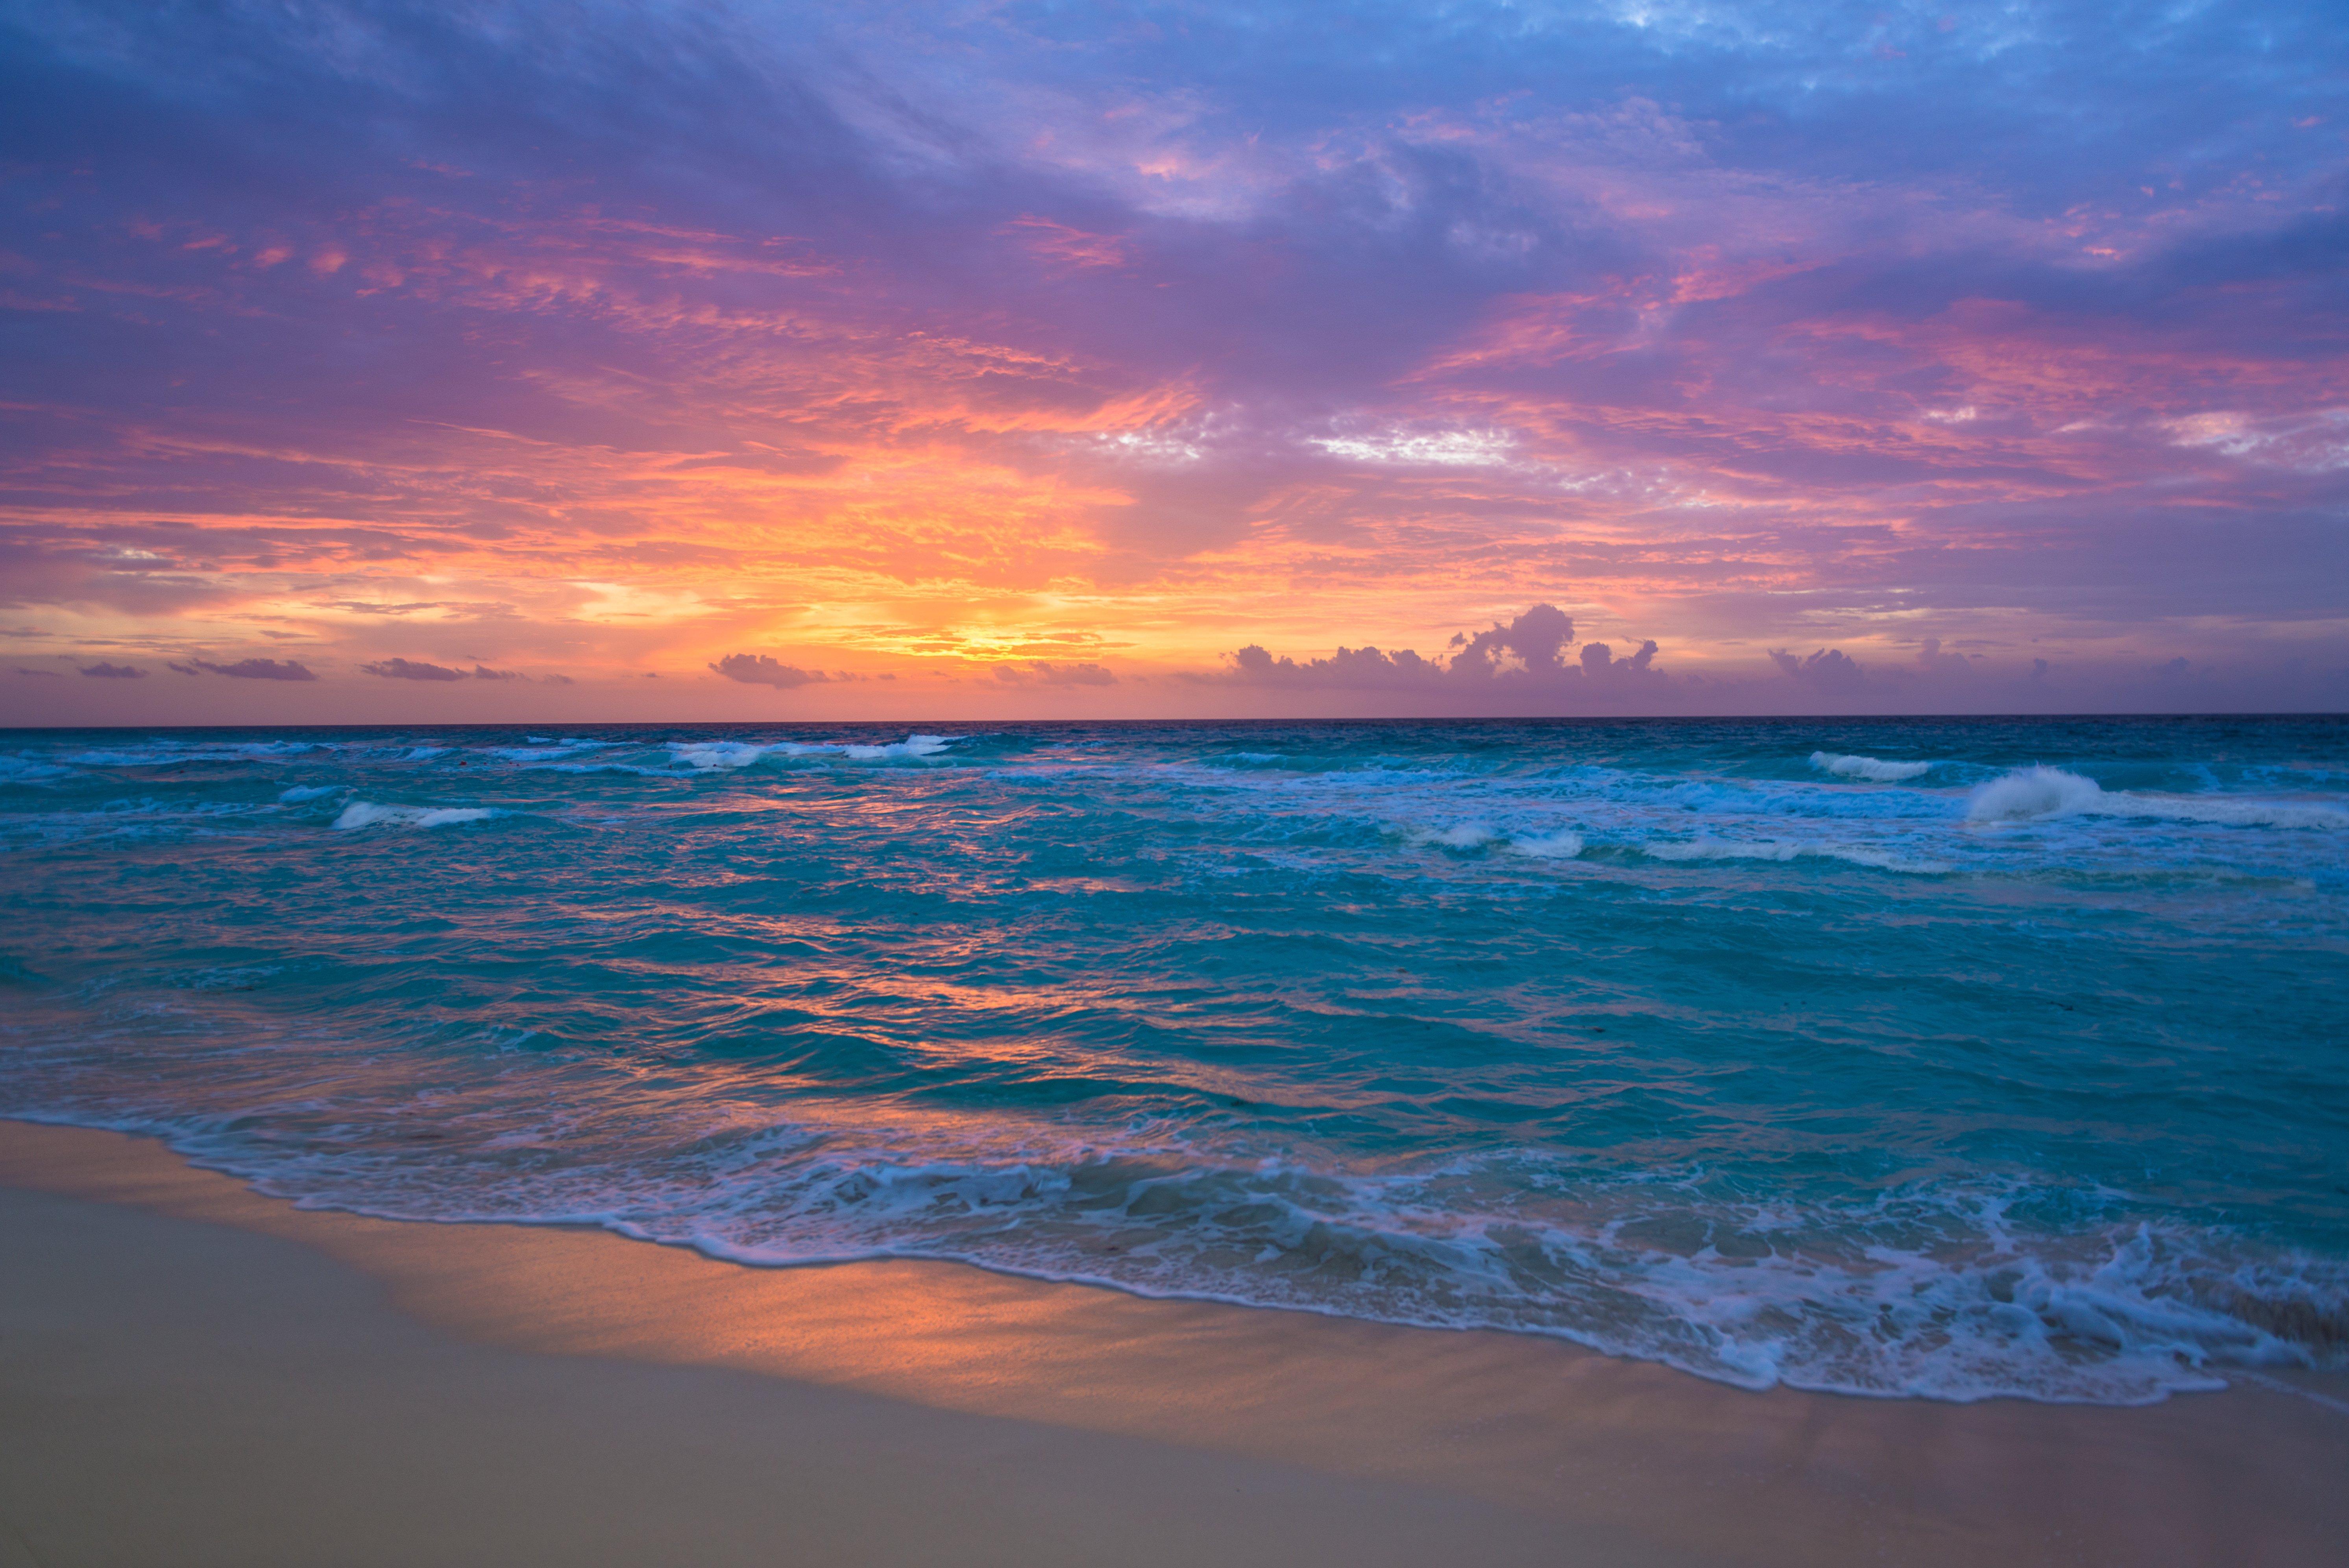 Sea Surf Sunrise Waves Sand Ocean Beach Wallpaper 5969x3985